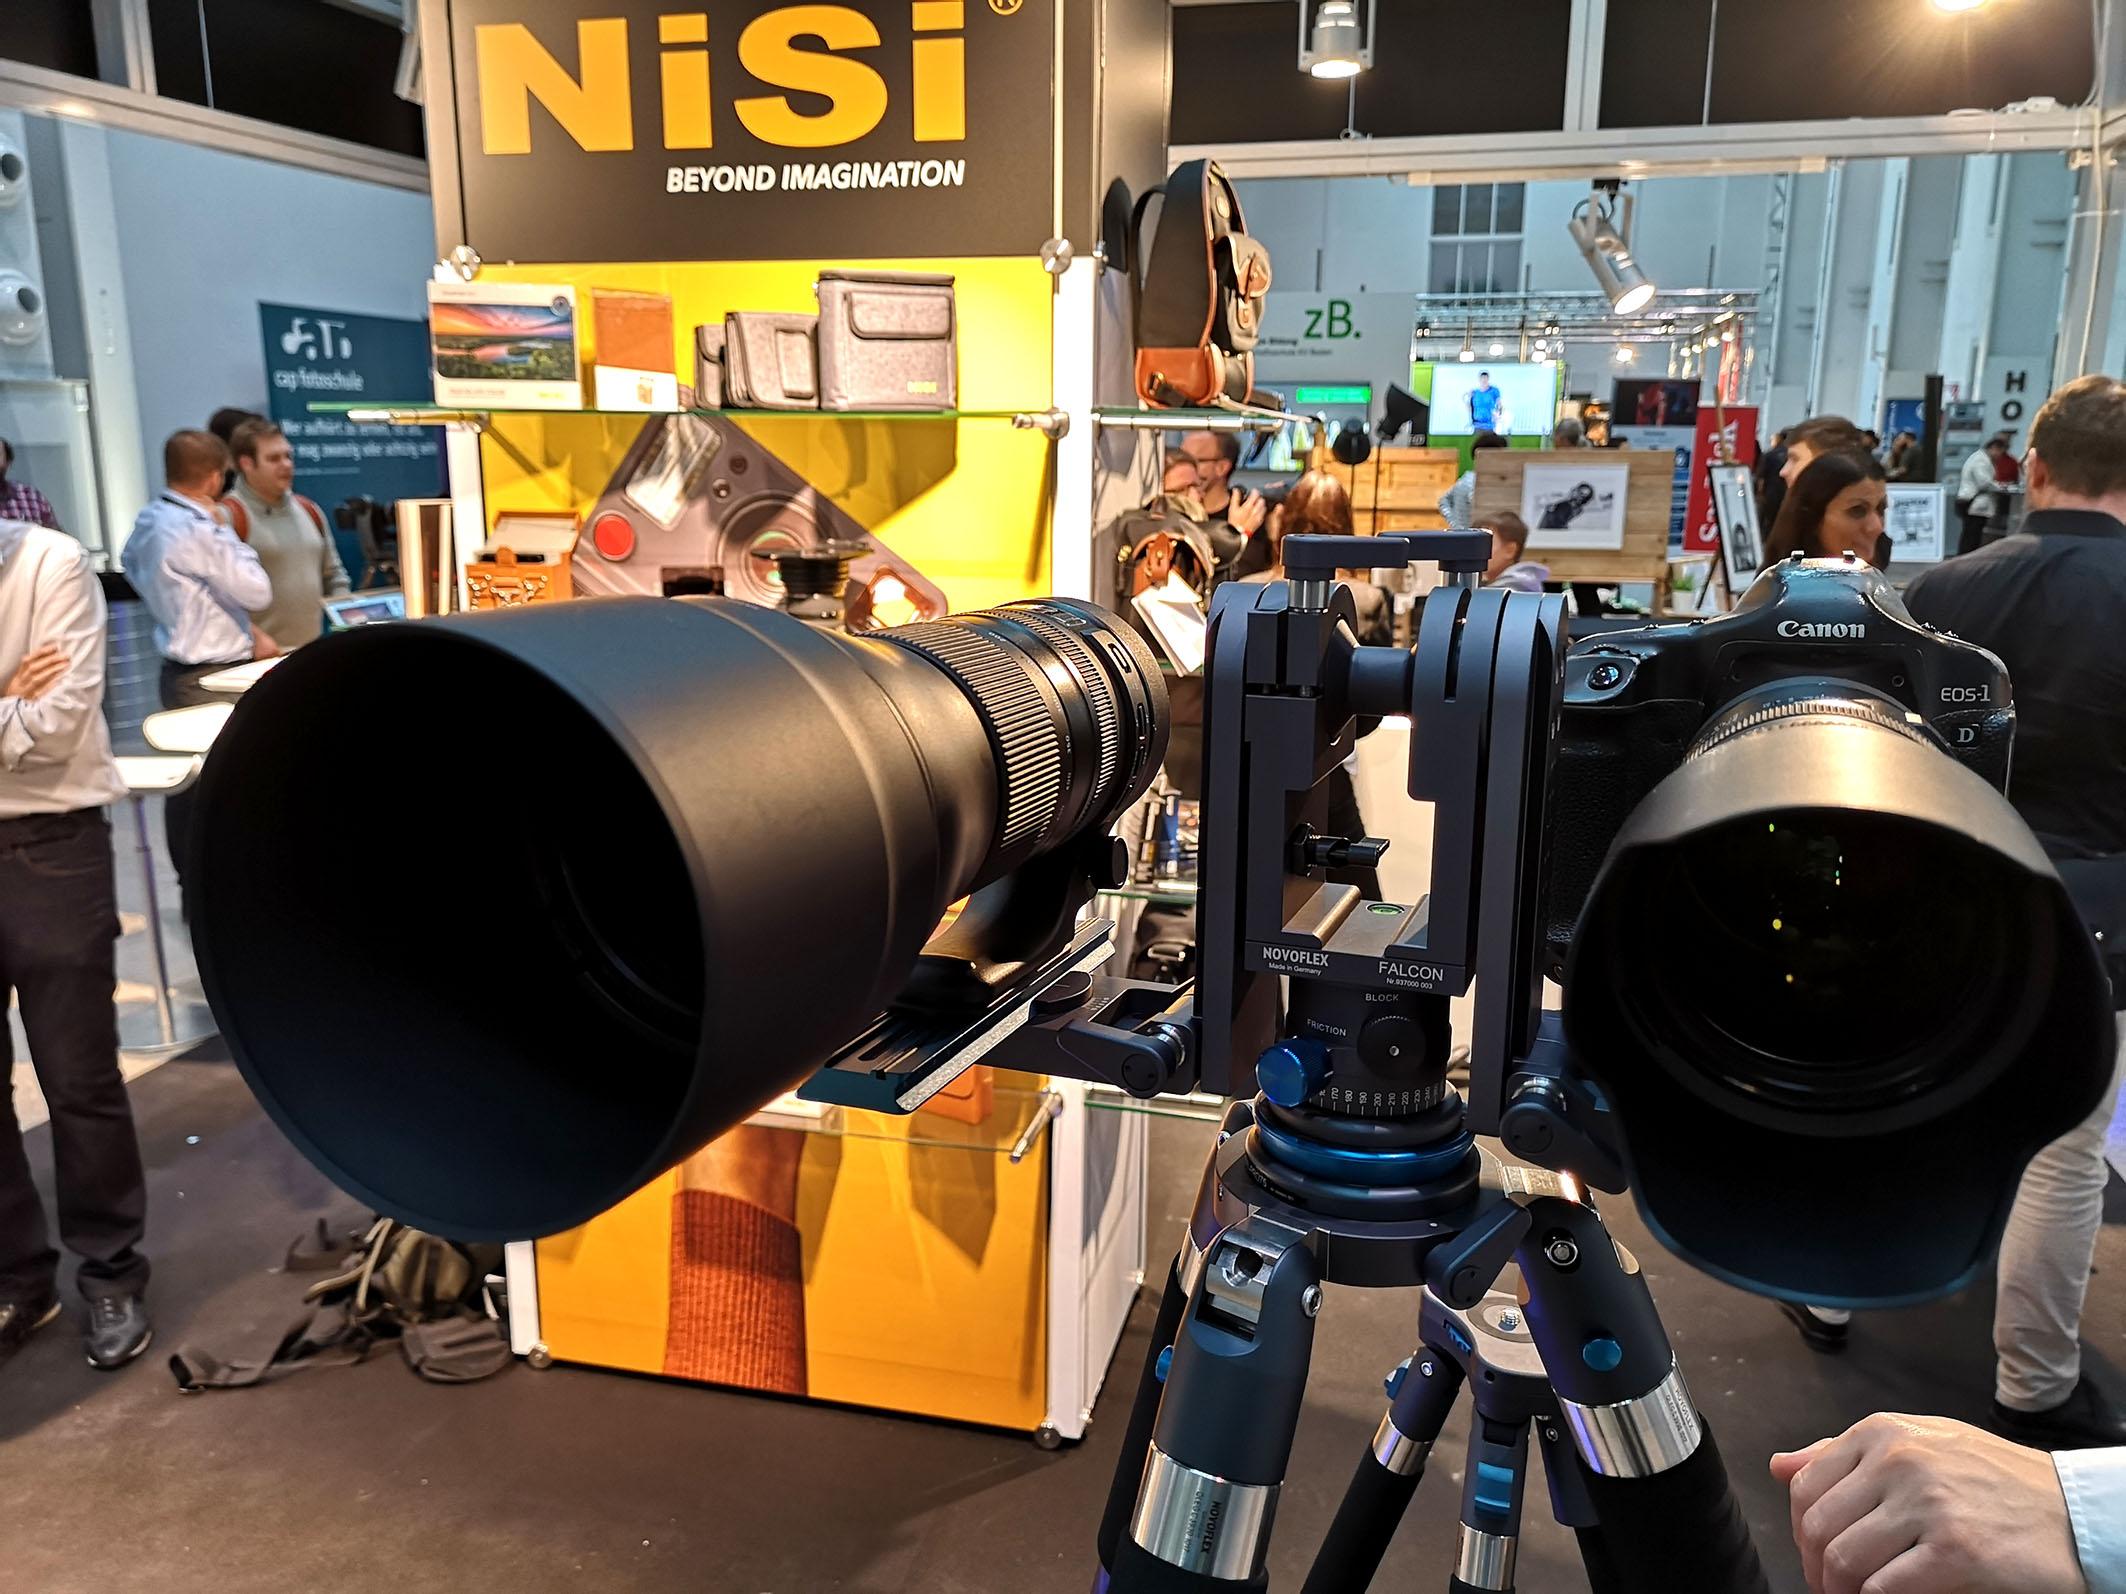 Foto: Michael B. Rehders - Canon präsentierte seine Range an Objektiven und Kameras.